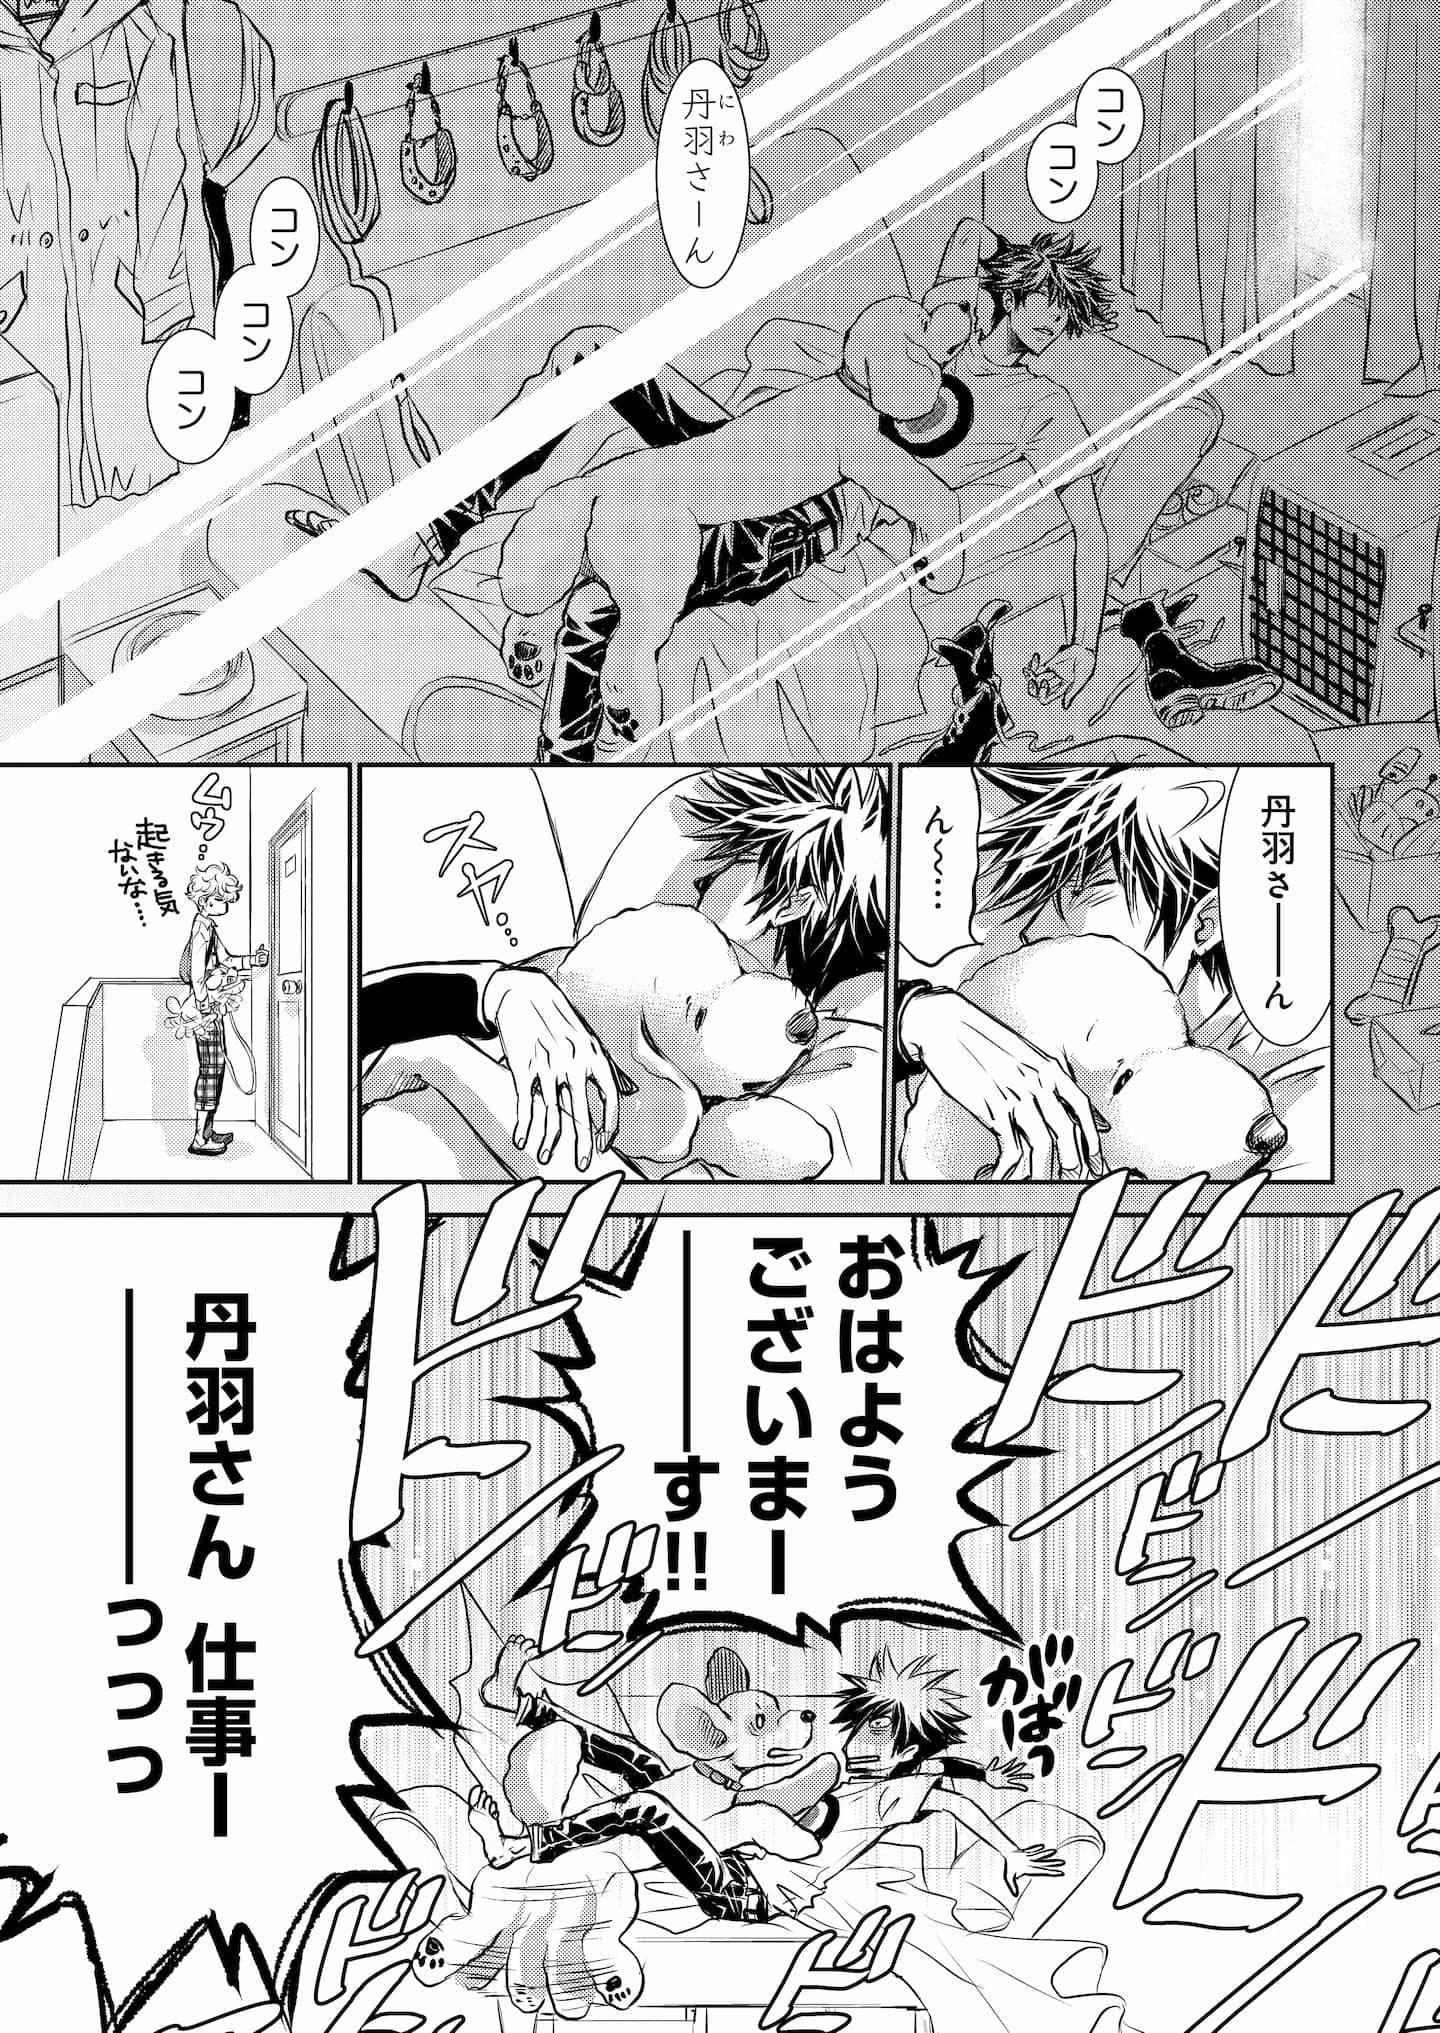 『DOG SIGNAL』3話目① 2ページ目